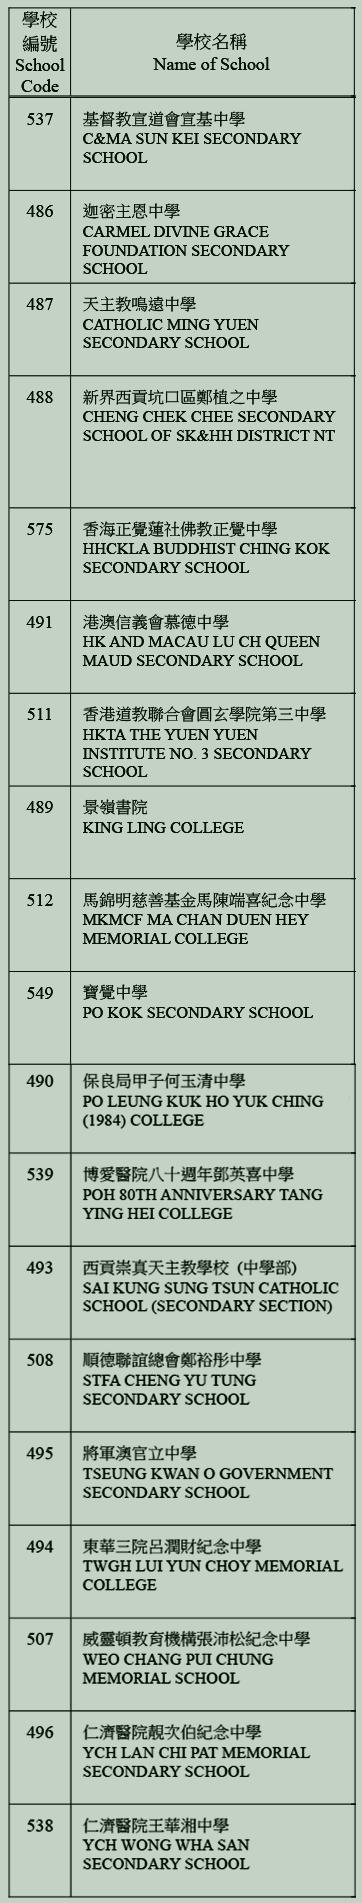 中學校網-西貢區學校名單